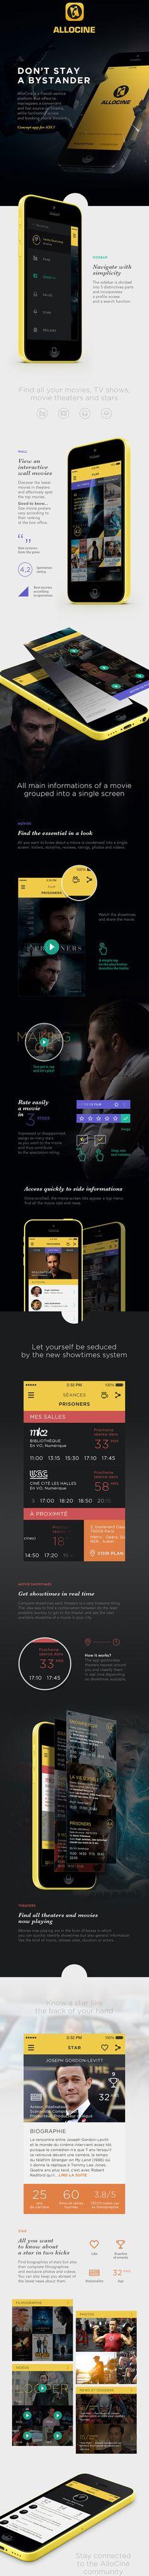 Daily Mobile UI Design Inspiration #195